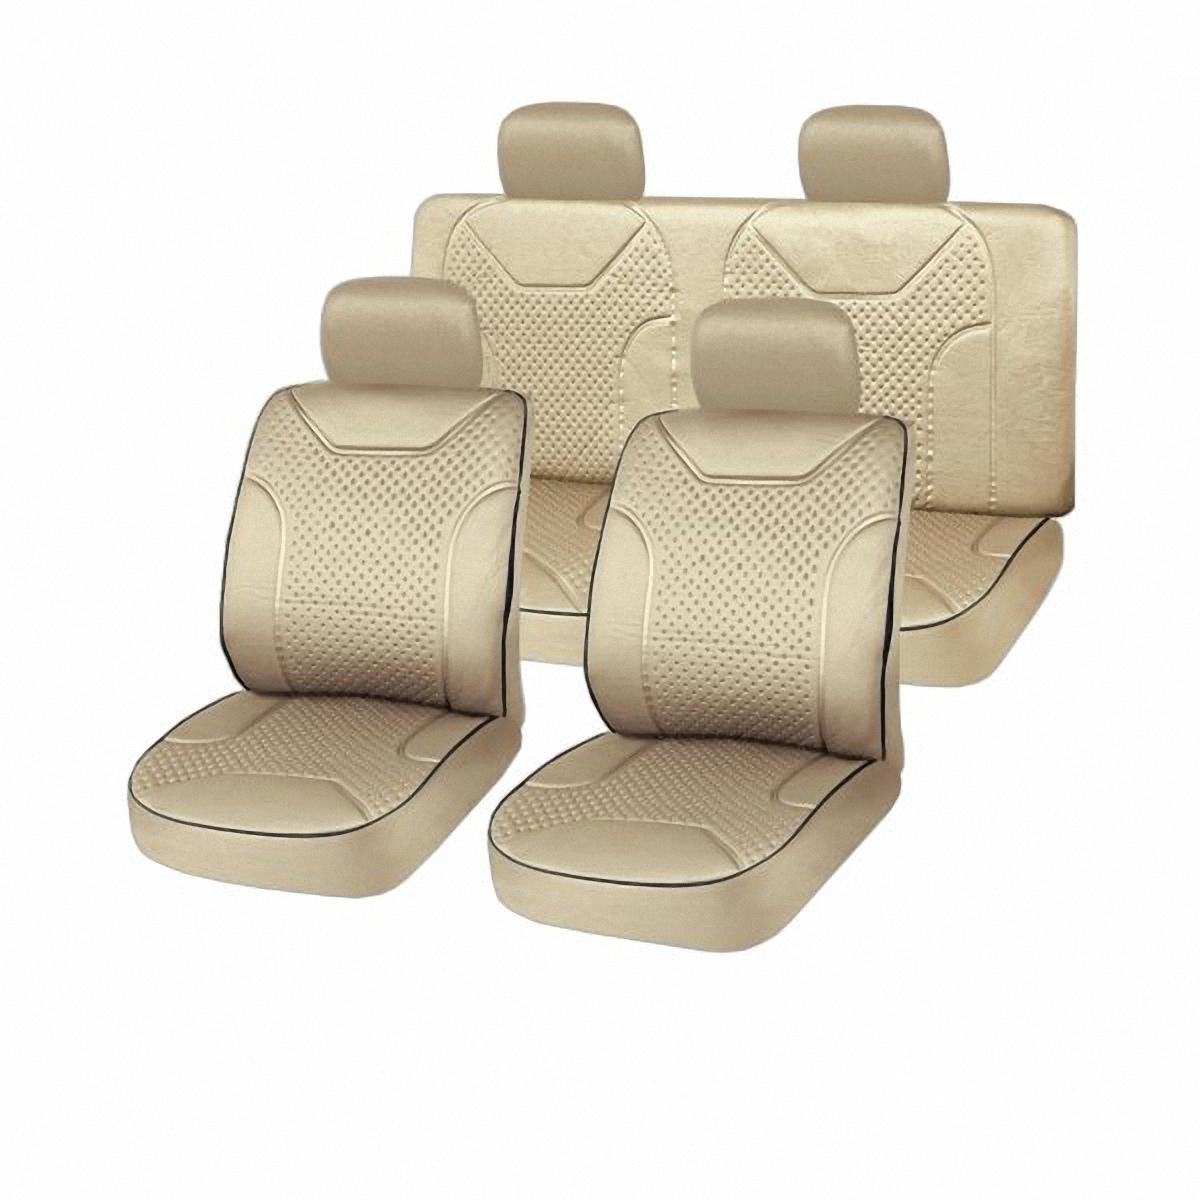 Чехлы автомобильные Skyway. S01301018DH2400D/ORВам не хватает уюта и комфорта в салоне? Самый лучший способ изменить это – «одеть» ваши сидения в чехлы SKYWAY. Изготовленные из прочного материала они защитят ваш салон от износа и повреждений. Более плотный поролон позволяет чехлам полностью прилегать к сидению автомобиля и меньше растягиваться в процессе использования. Ткань чехлов на сиденья SKYWAY не вытягивается, не истирается, великолепно сохраняет форму, устойчива к световому и тепловому воздействию, а ровные, крепкие швы не разойдутся даже при сильном натяжении.